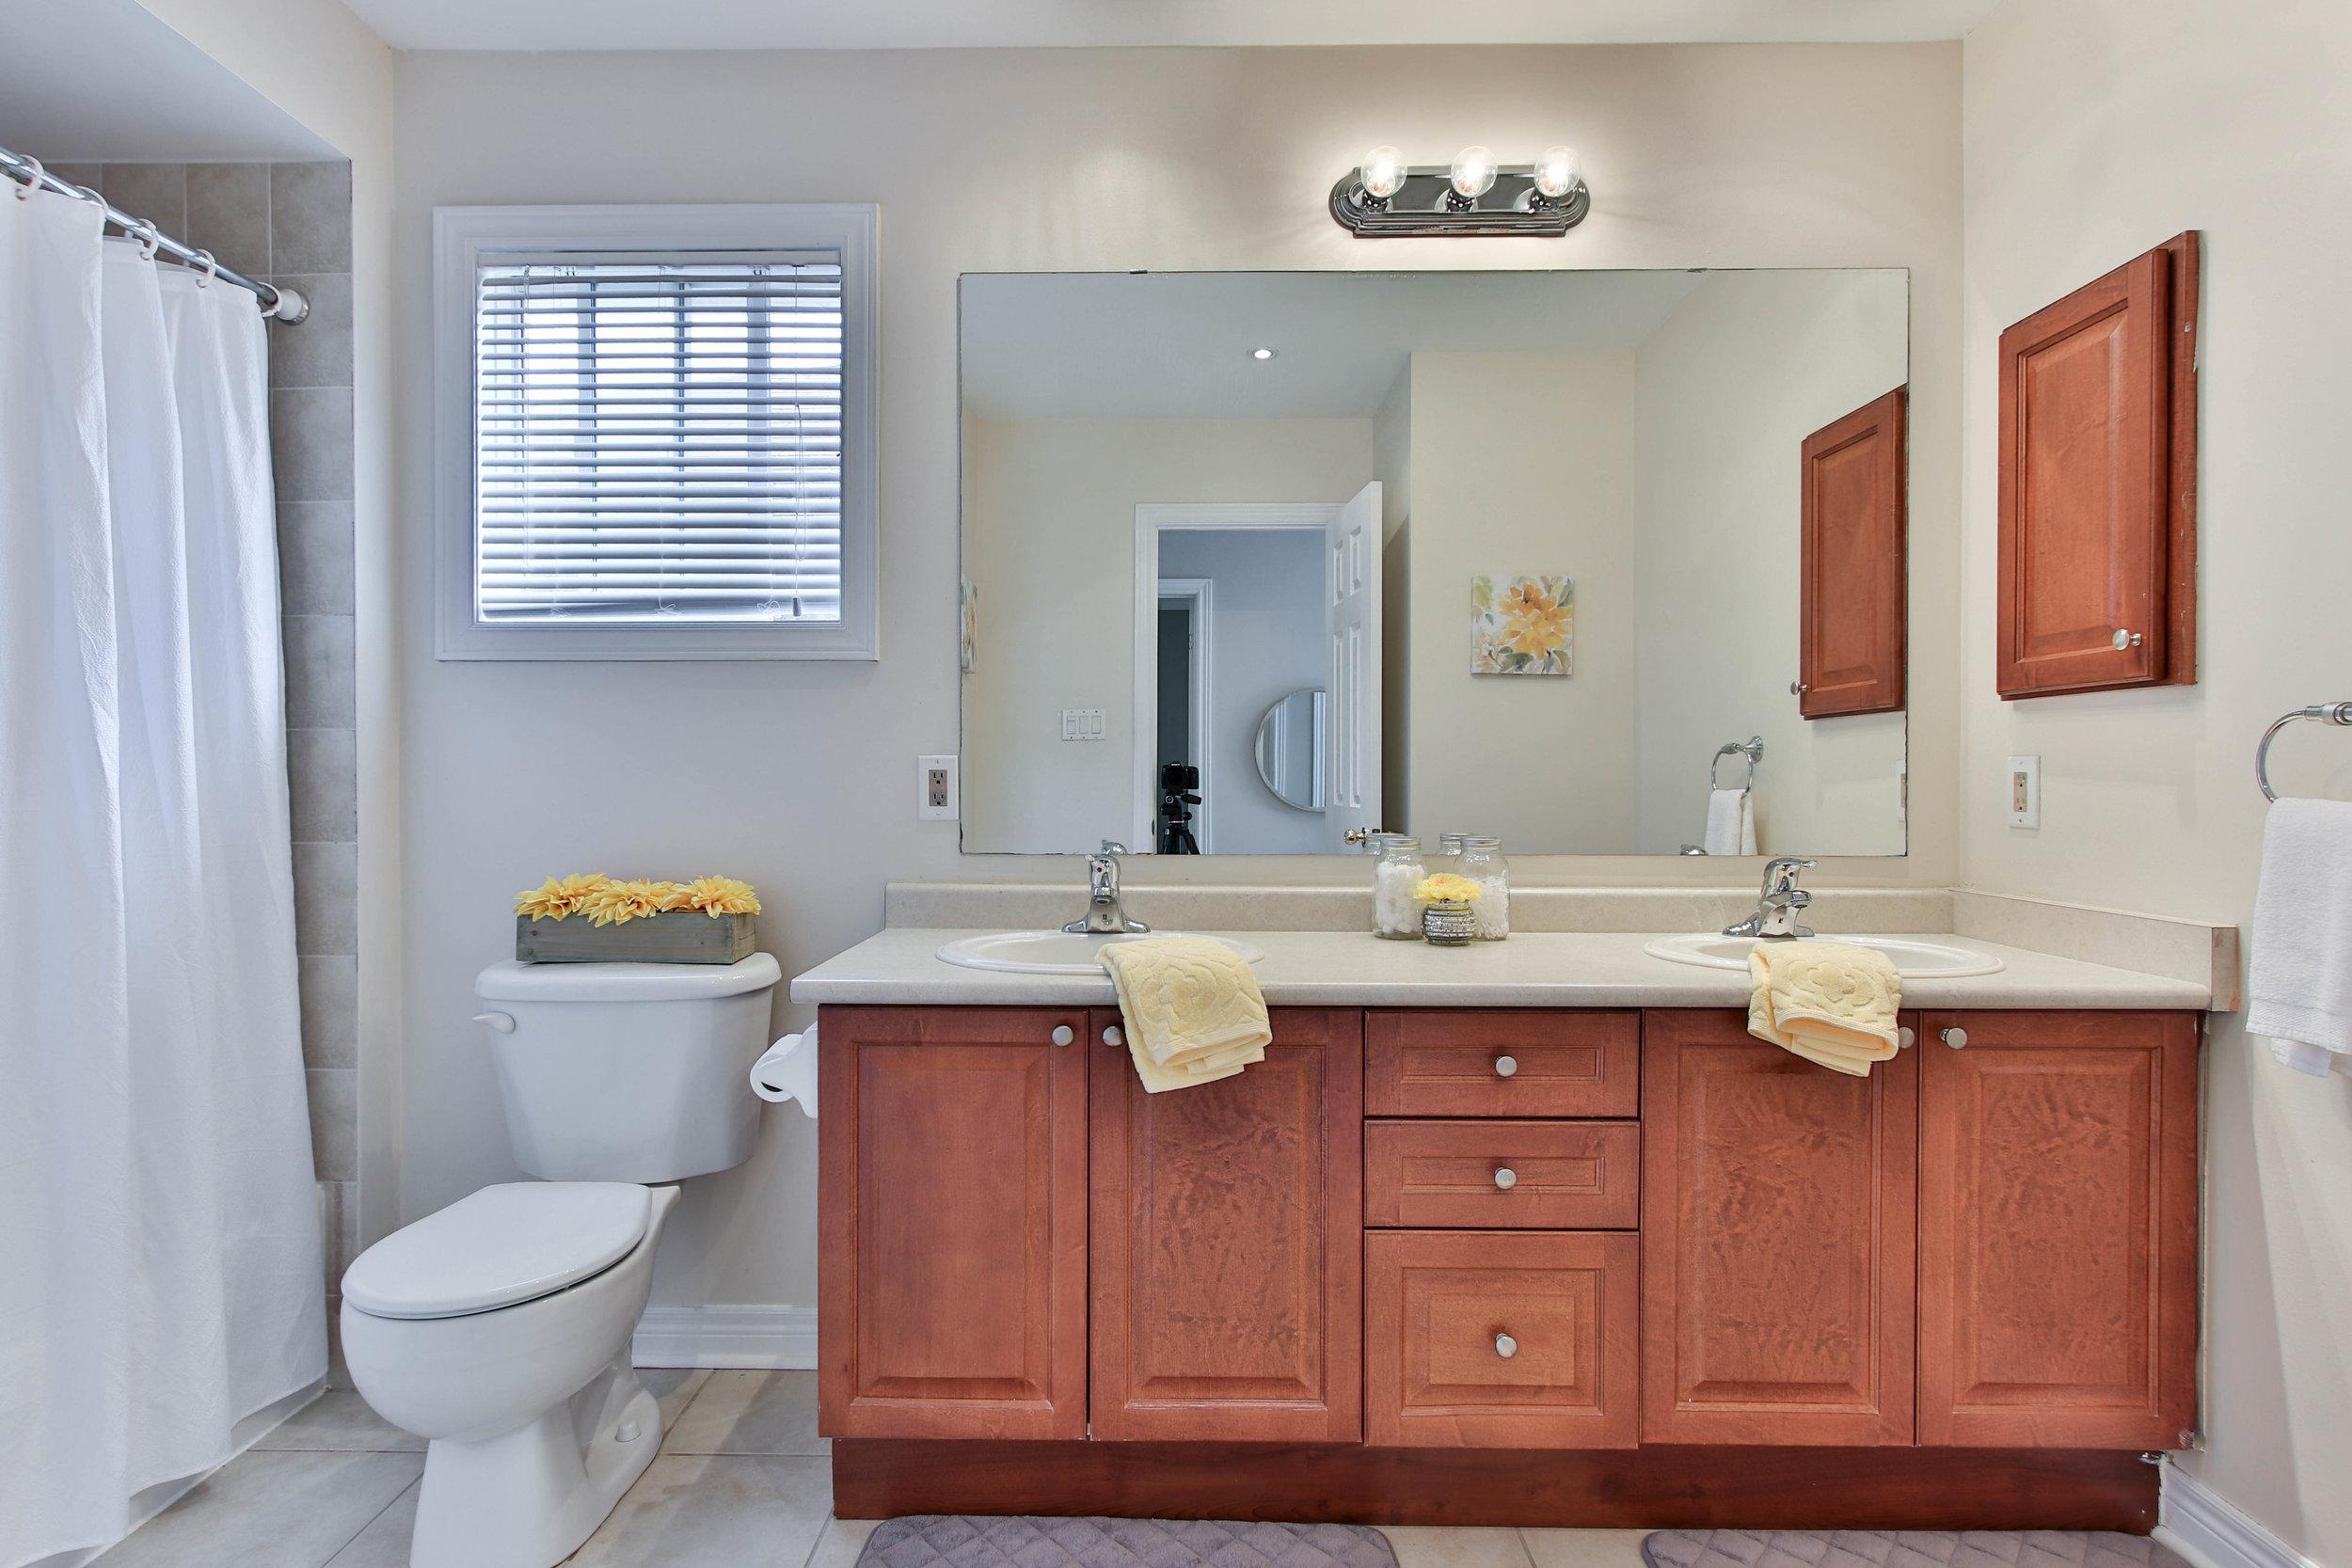 33_Washroom (1 of 1).jpg